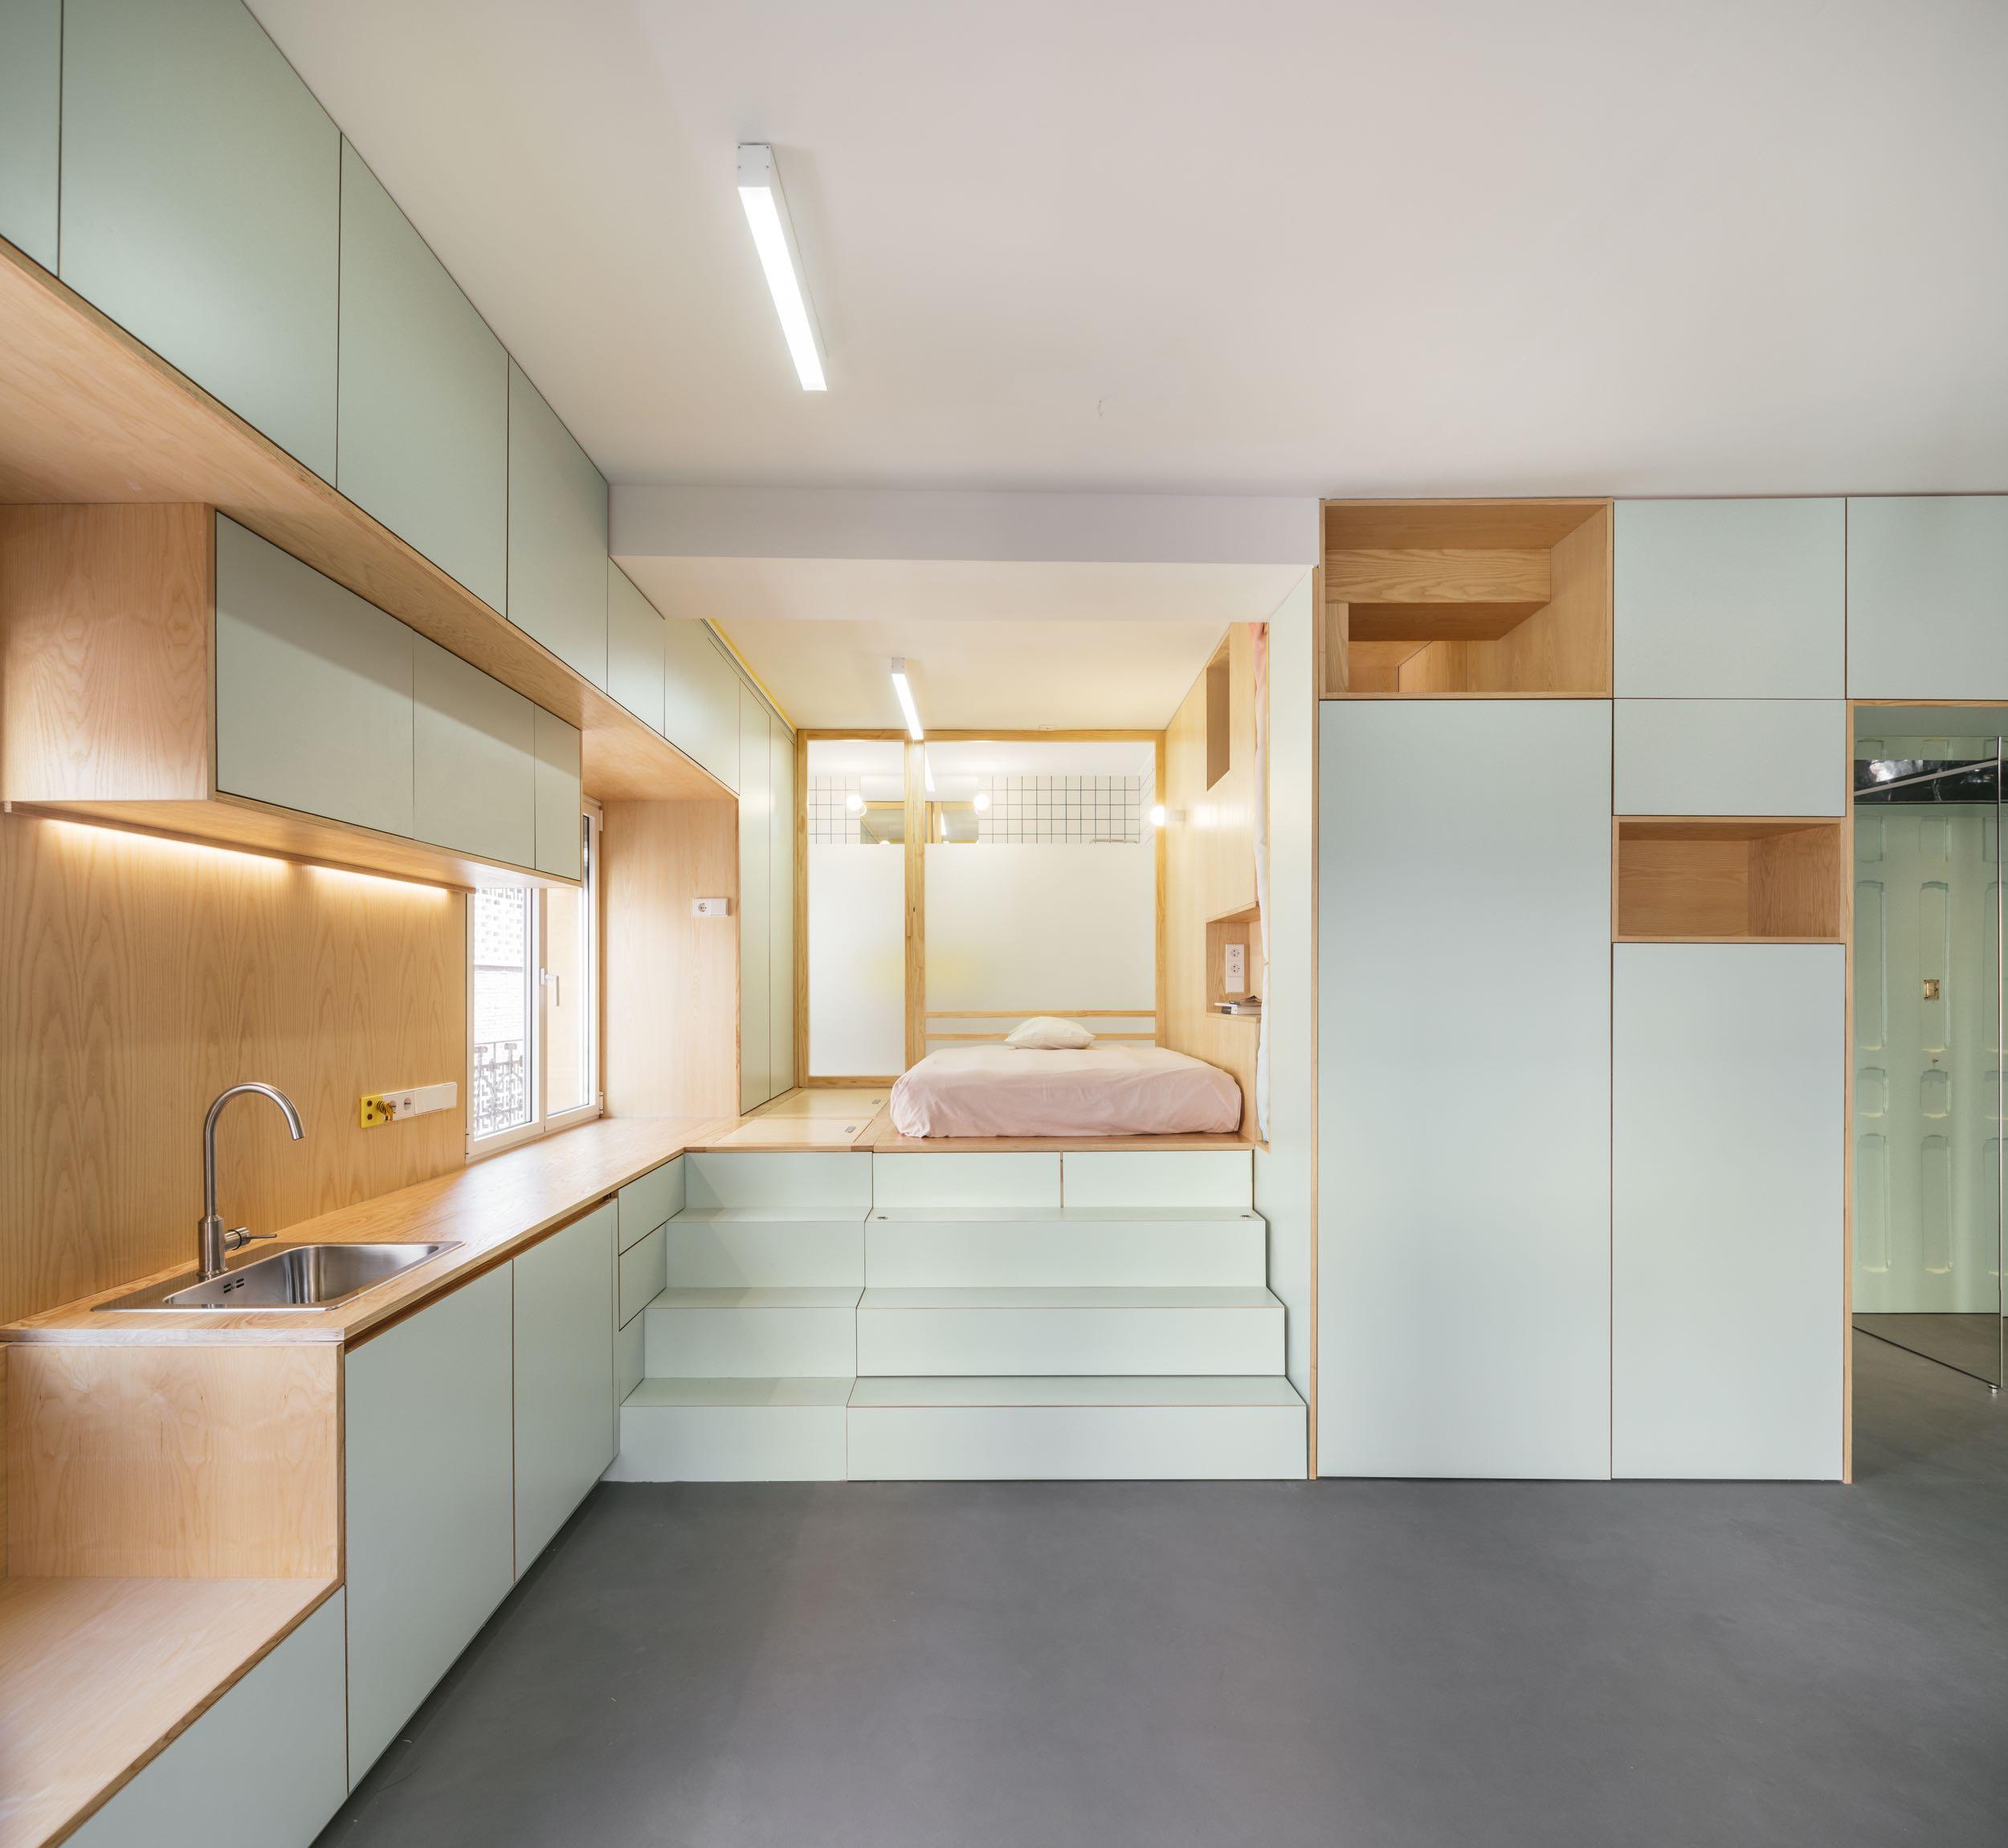 Come vogliamo abitare? Una riflessione sugli interni al Design Museum di Gent